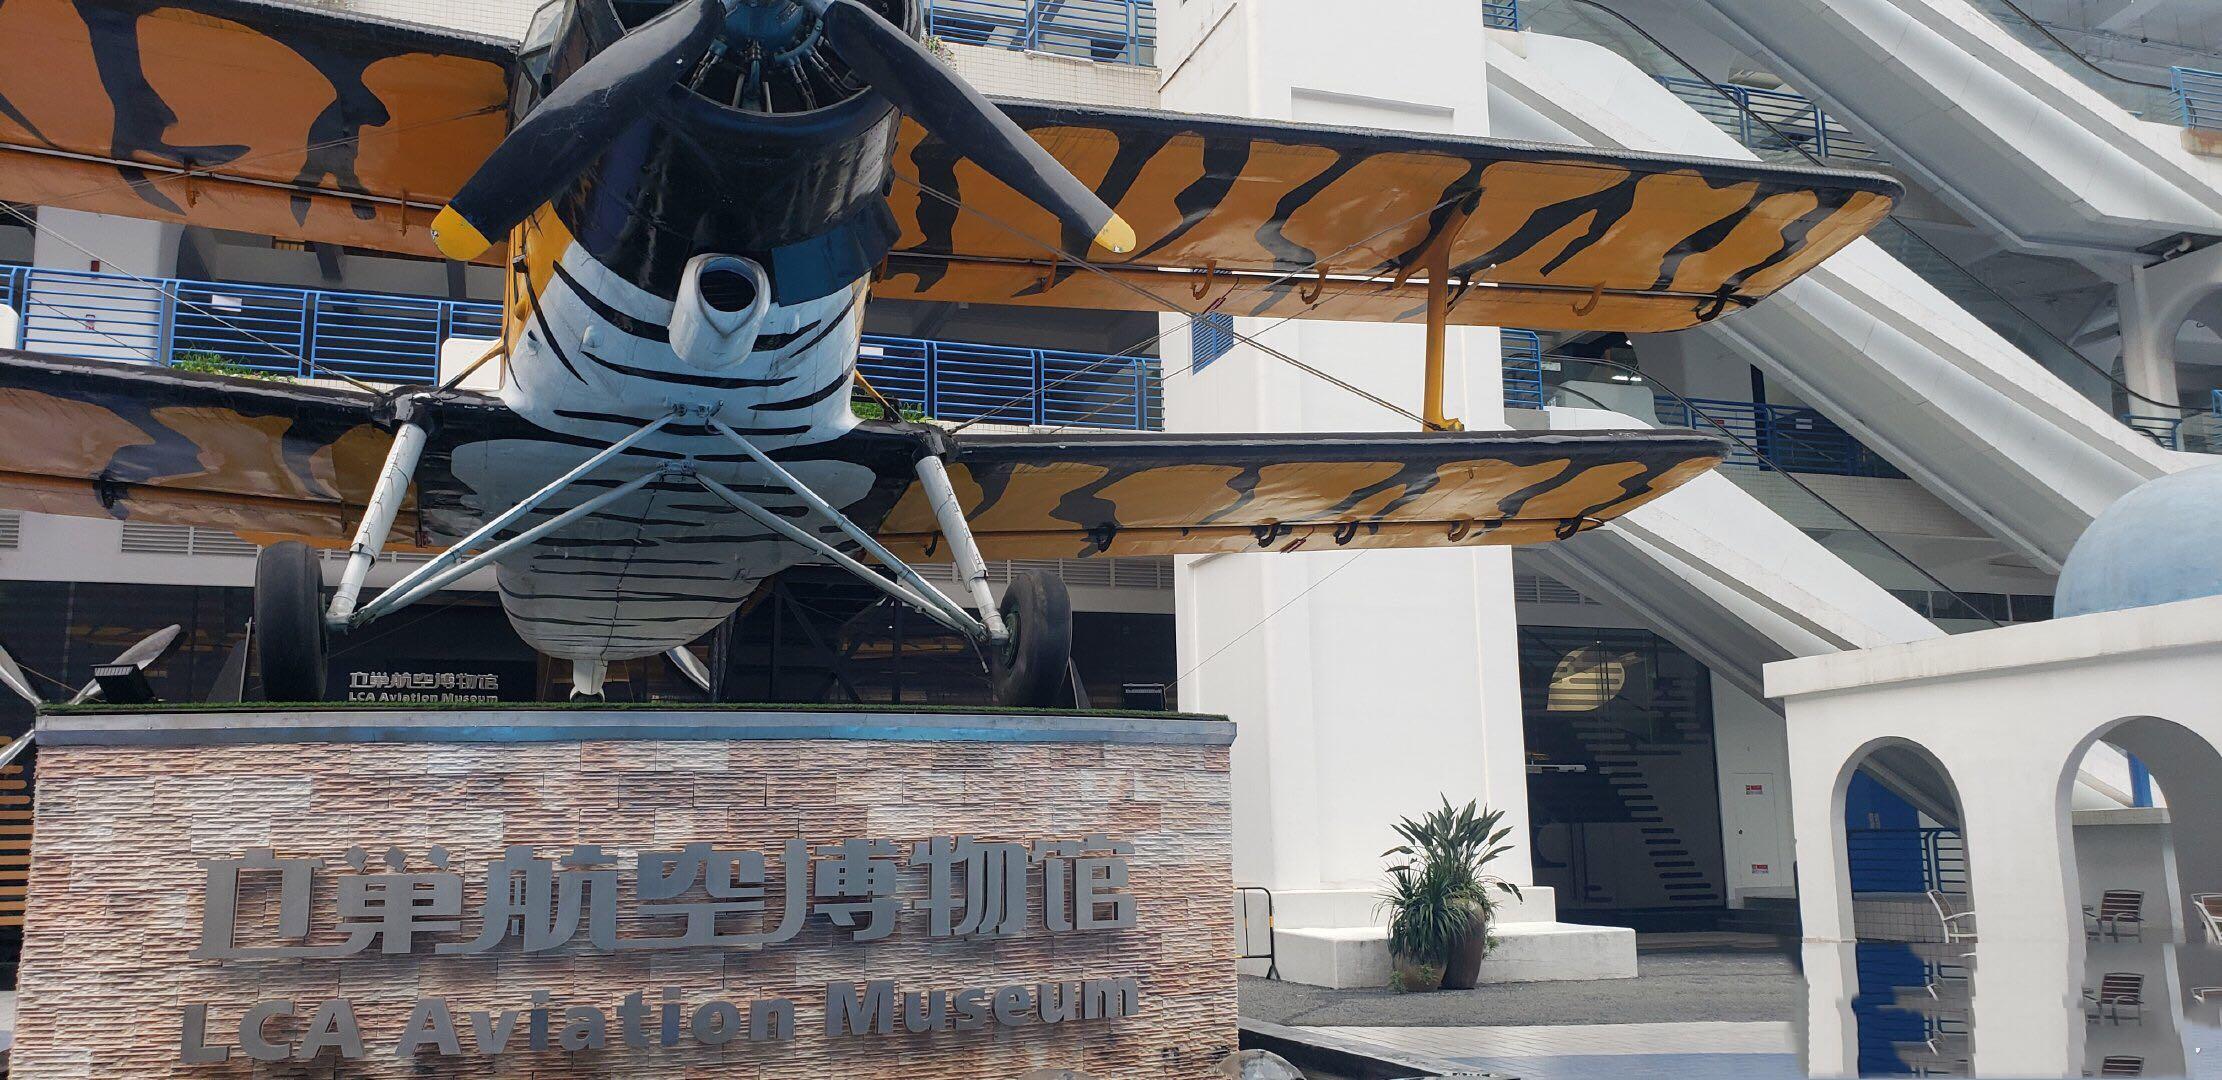 立巢航空博物馆